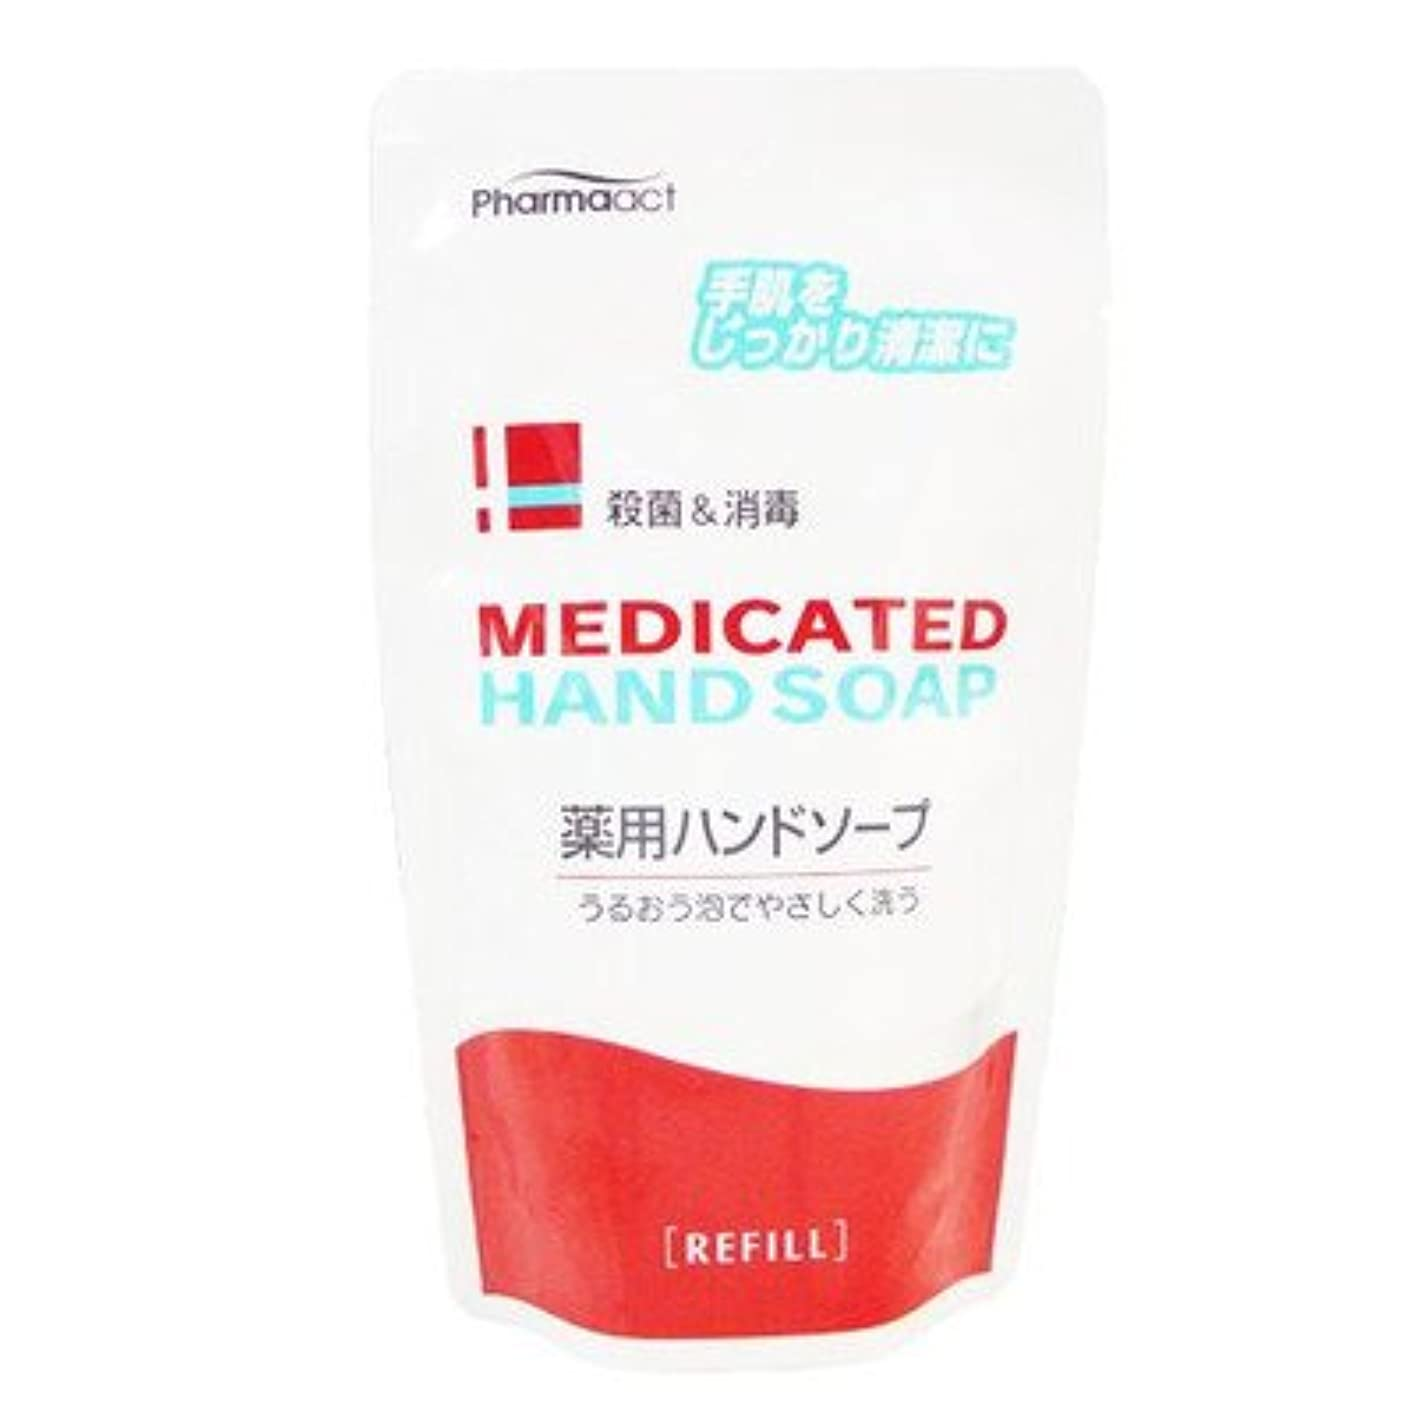 静けさ管理します元のMedicated 薬用ハンドソープ 殺菌+消毒 200ml【つめかえ用】(医薬部外品)